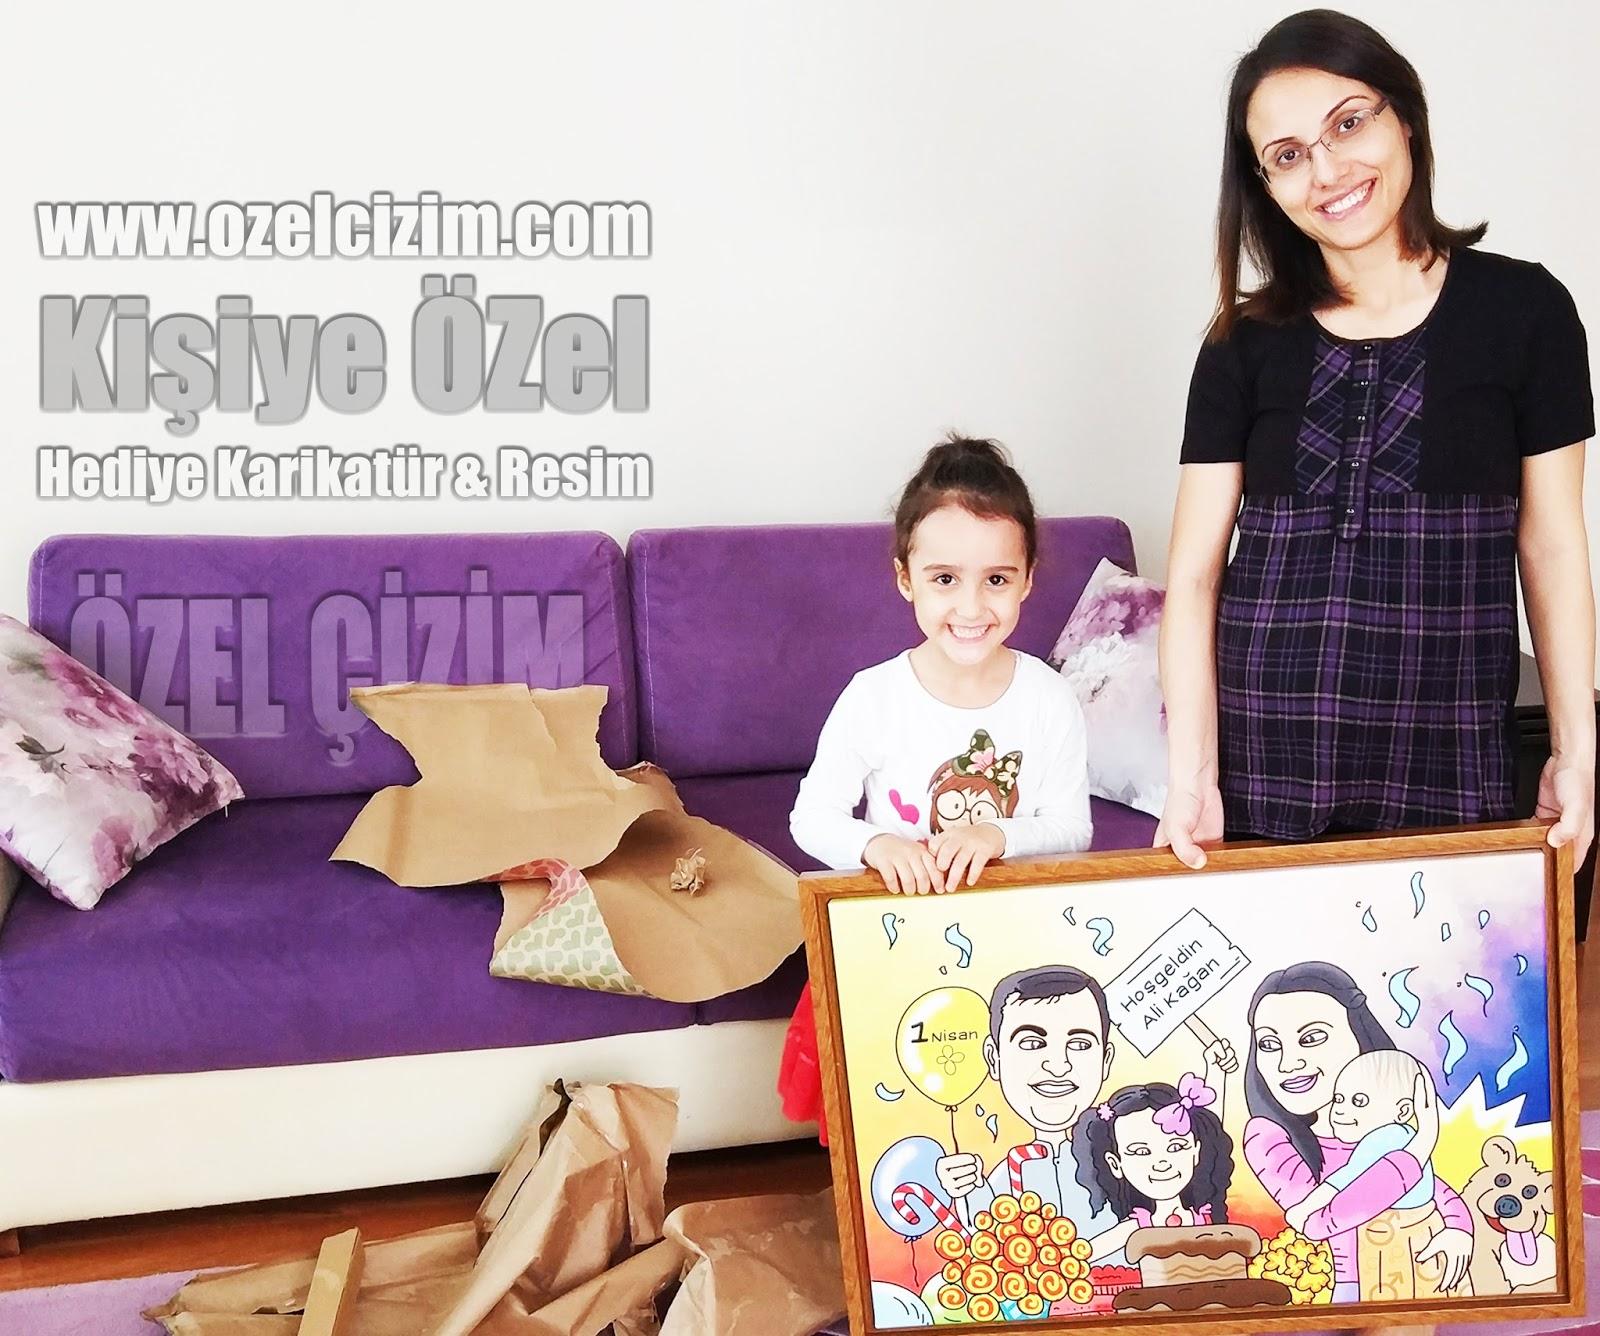 hediye ile fotoğraf, Müşteri Fotoğrafları, Müşteri Memnuniyeti, MF, Hediye karikatür, Aile karikatürü, Aile portresi, Mutluluk tablosu, komik hediyeler